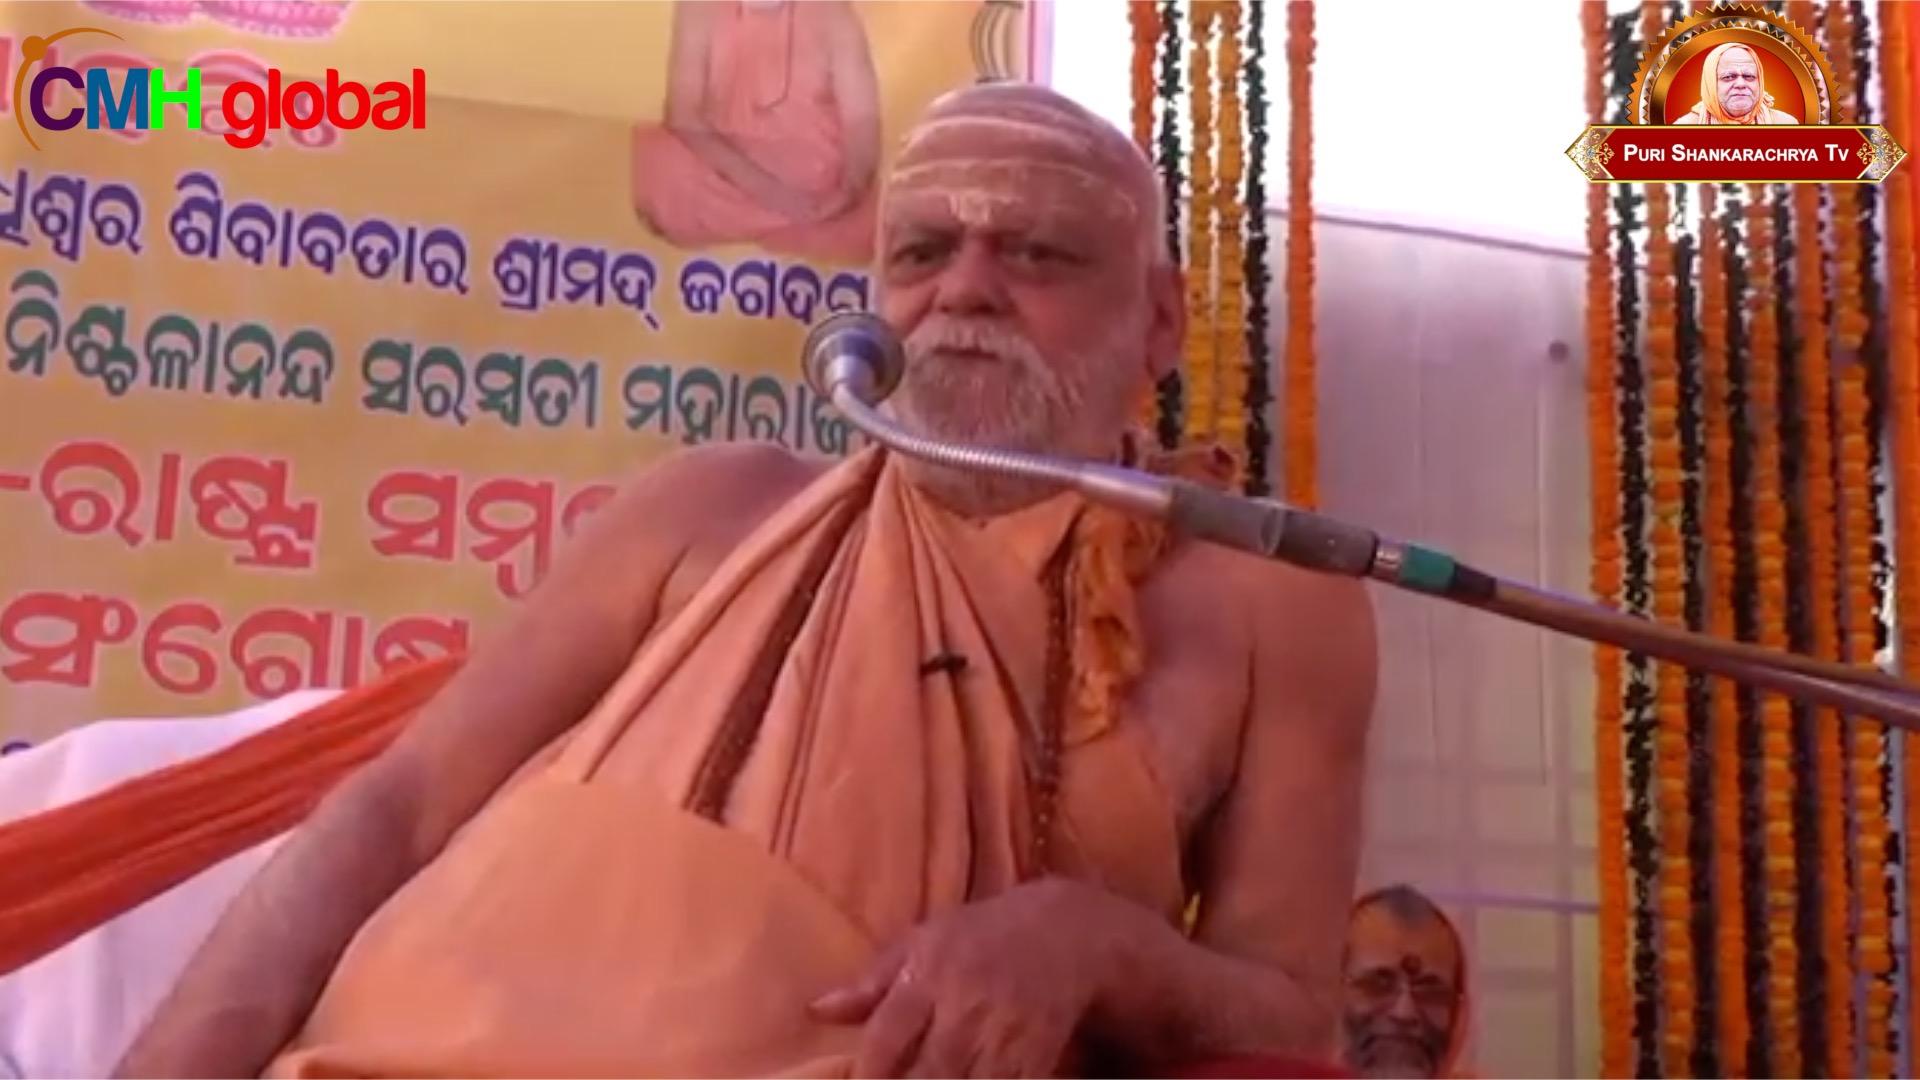 Gyan Dhara Ep -06 by Puri Shankaracharya Swami Nishchalananda Saraswati Ji